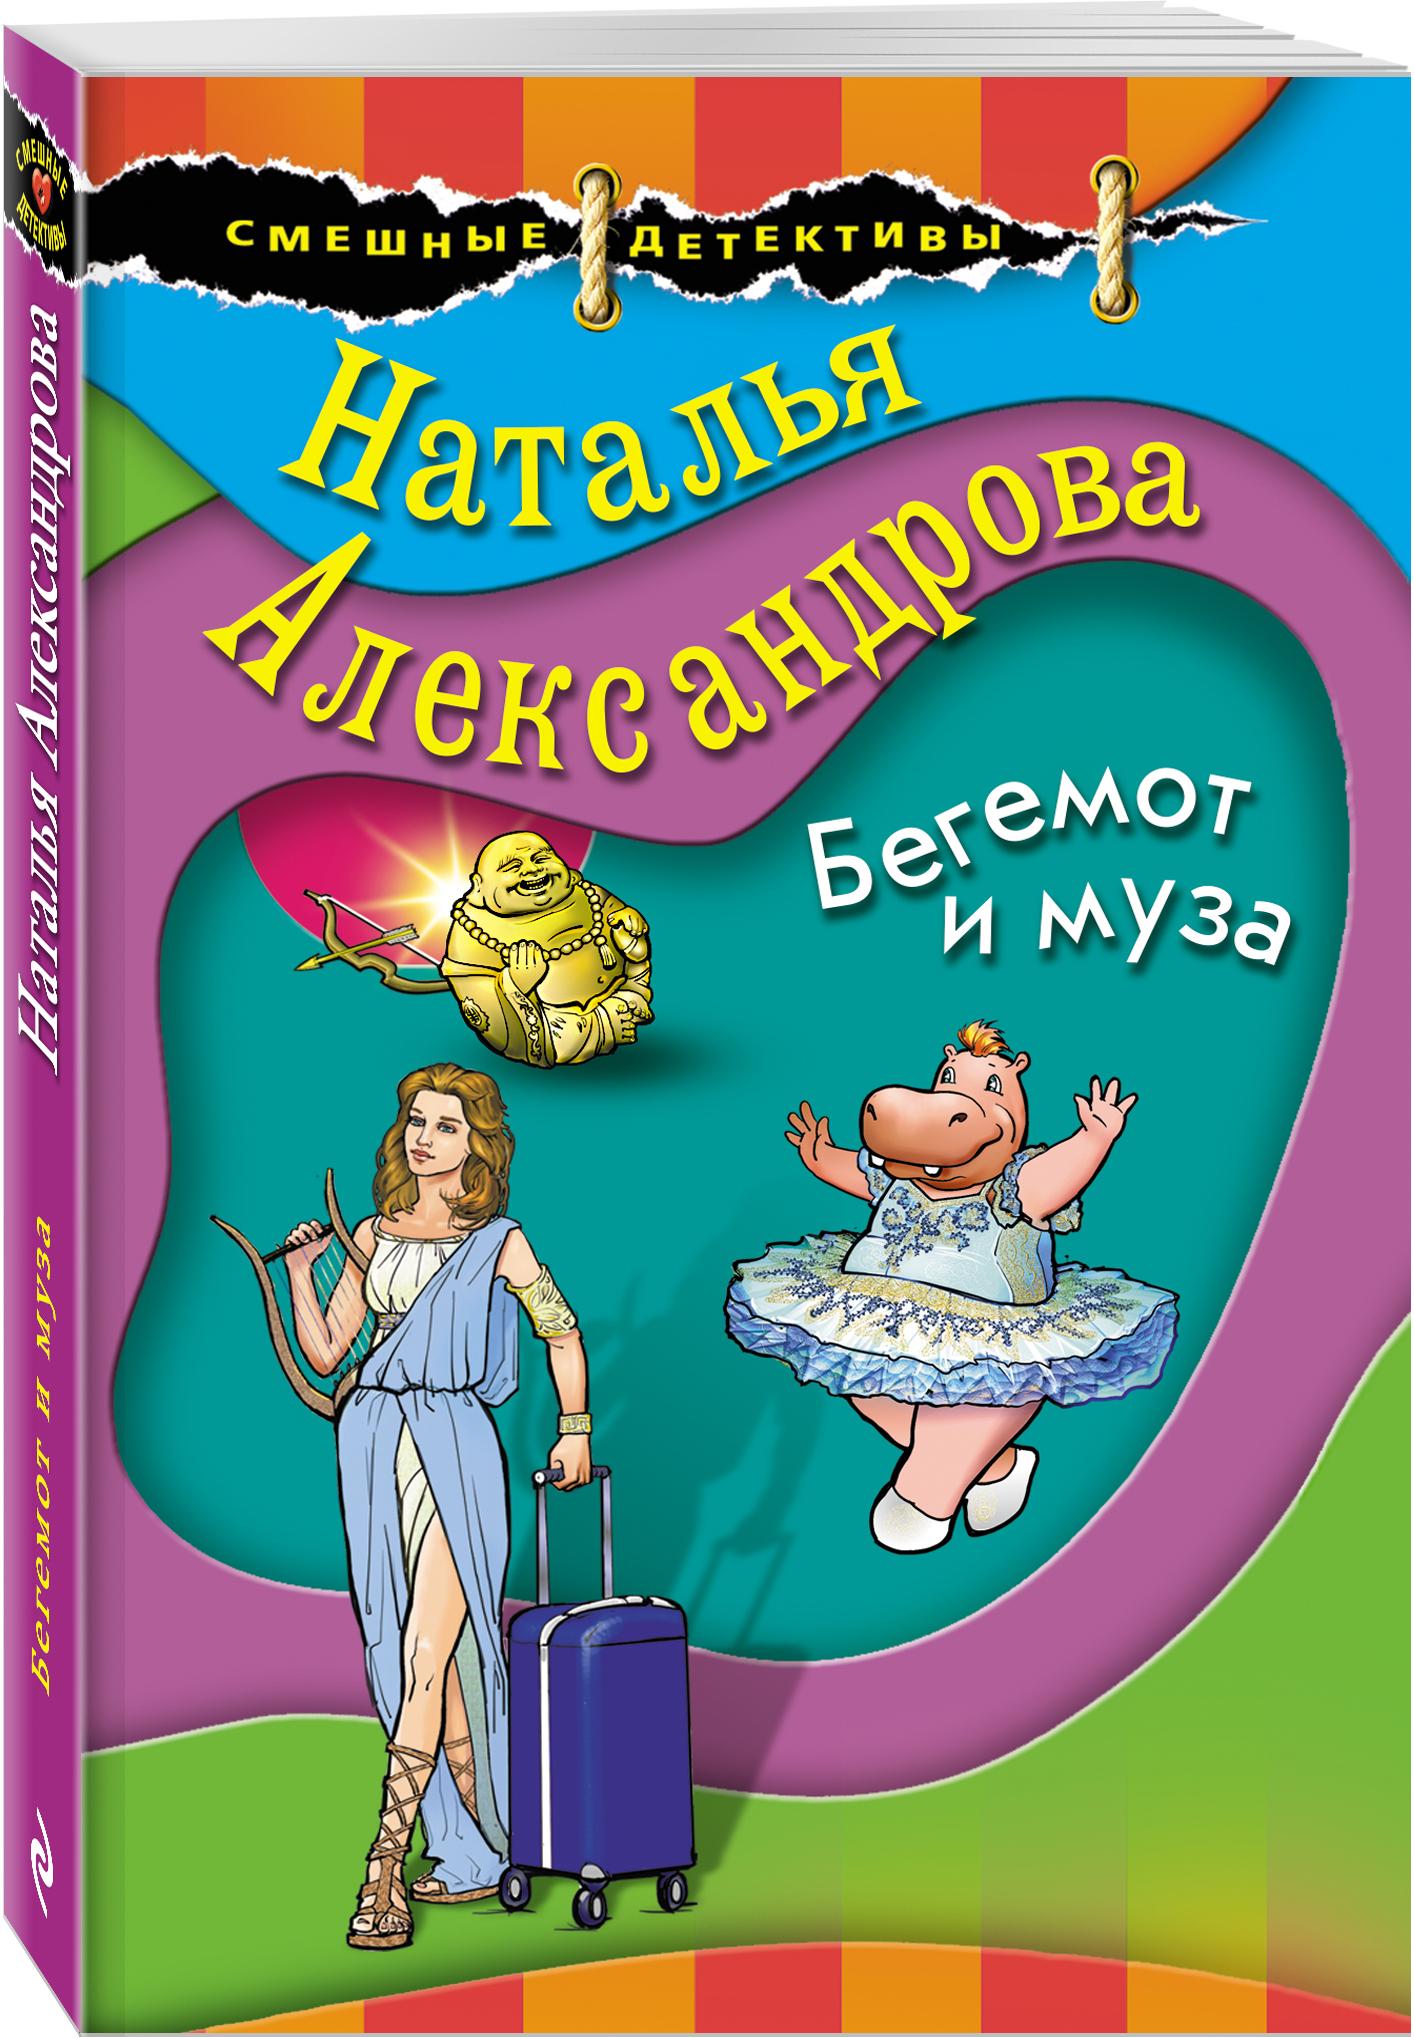 Фото - Александрова Наталья Николаевна Бегемот и муза наталья александрова чокнутая муза